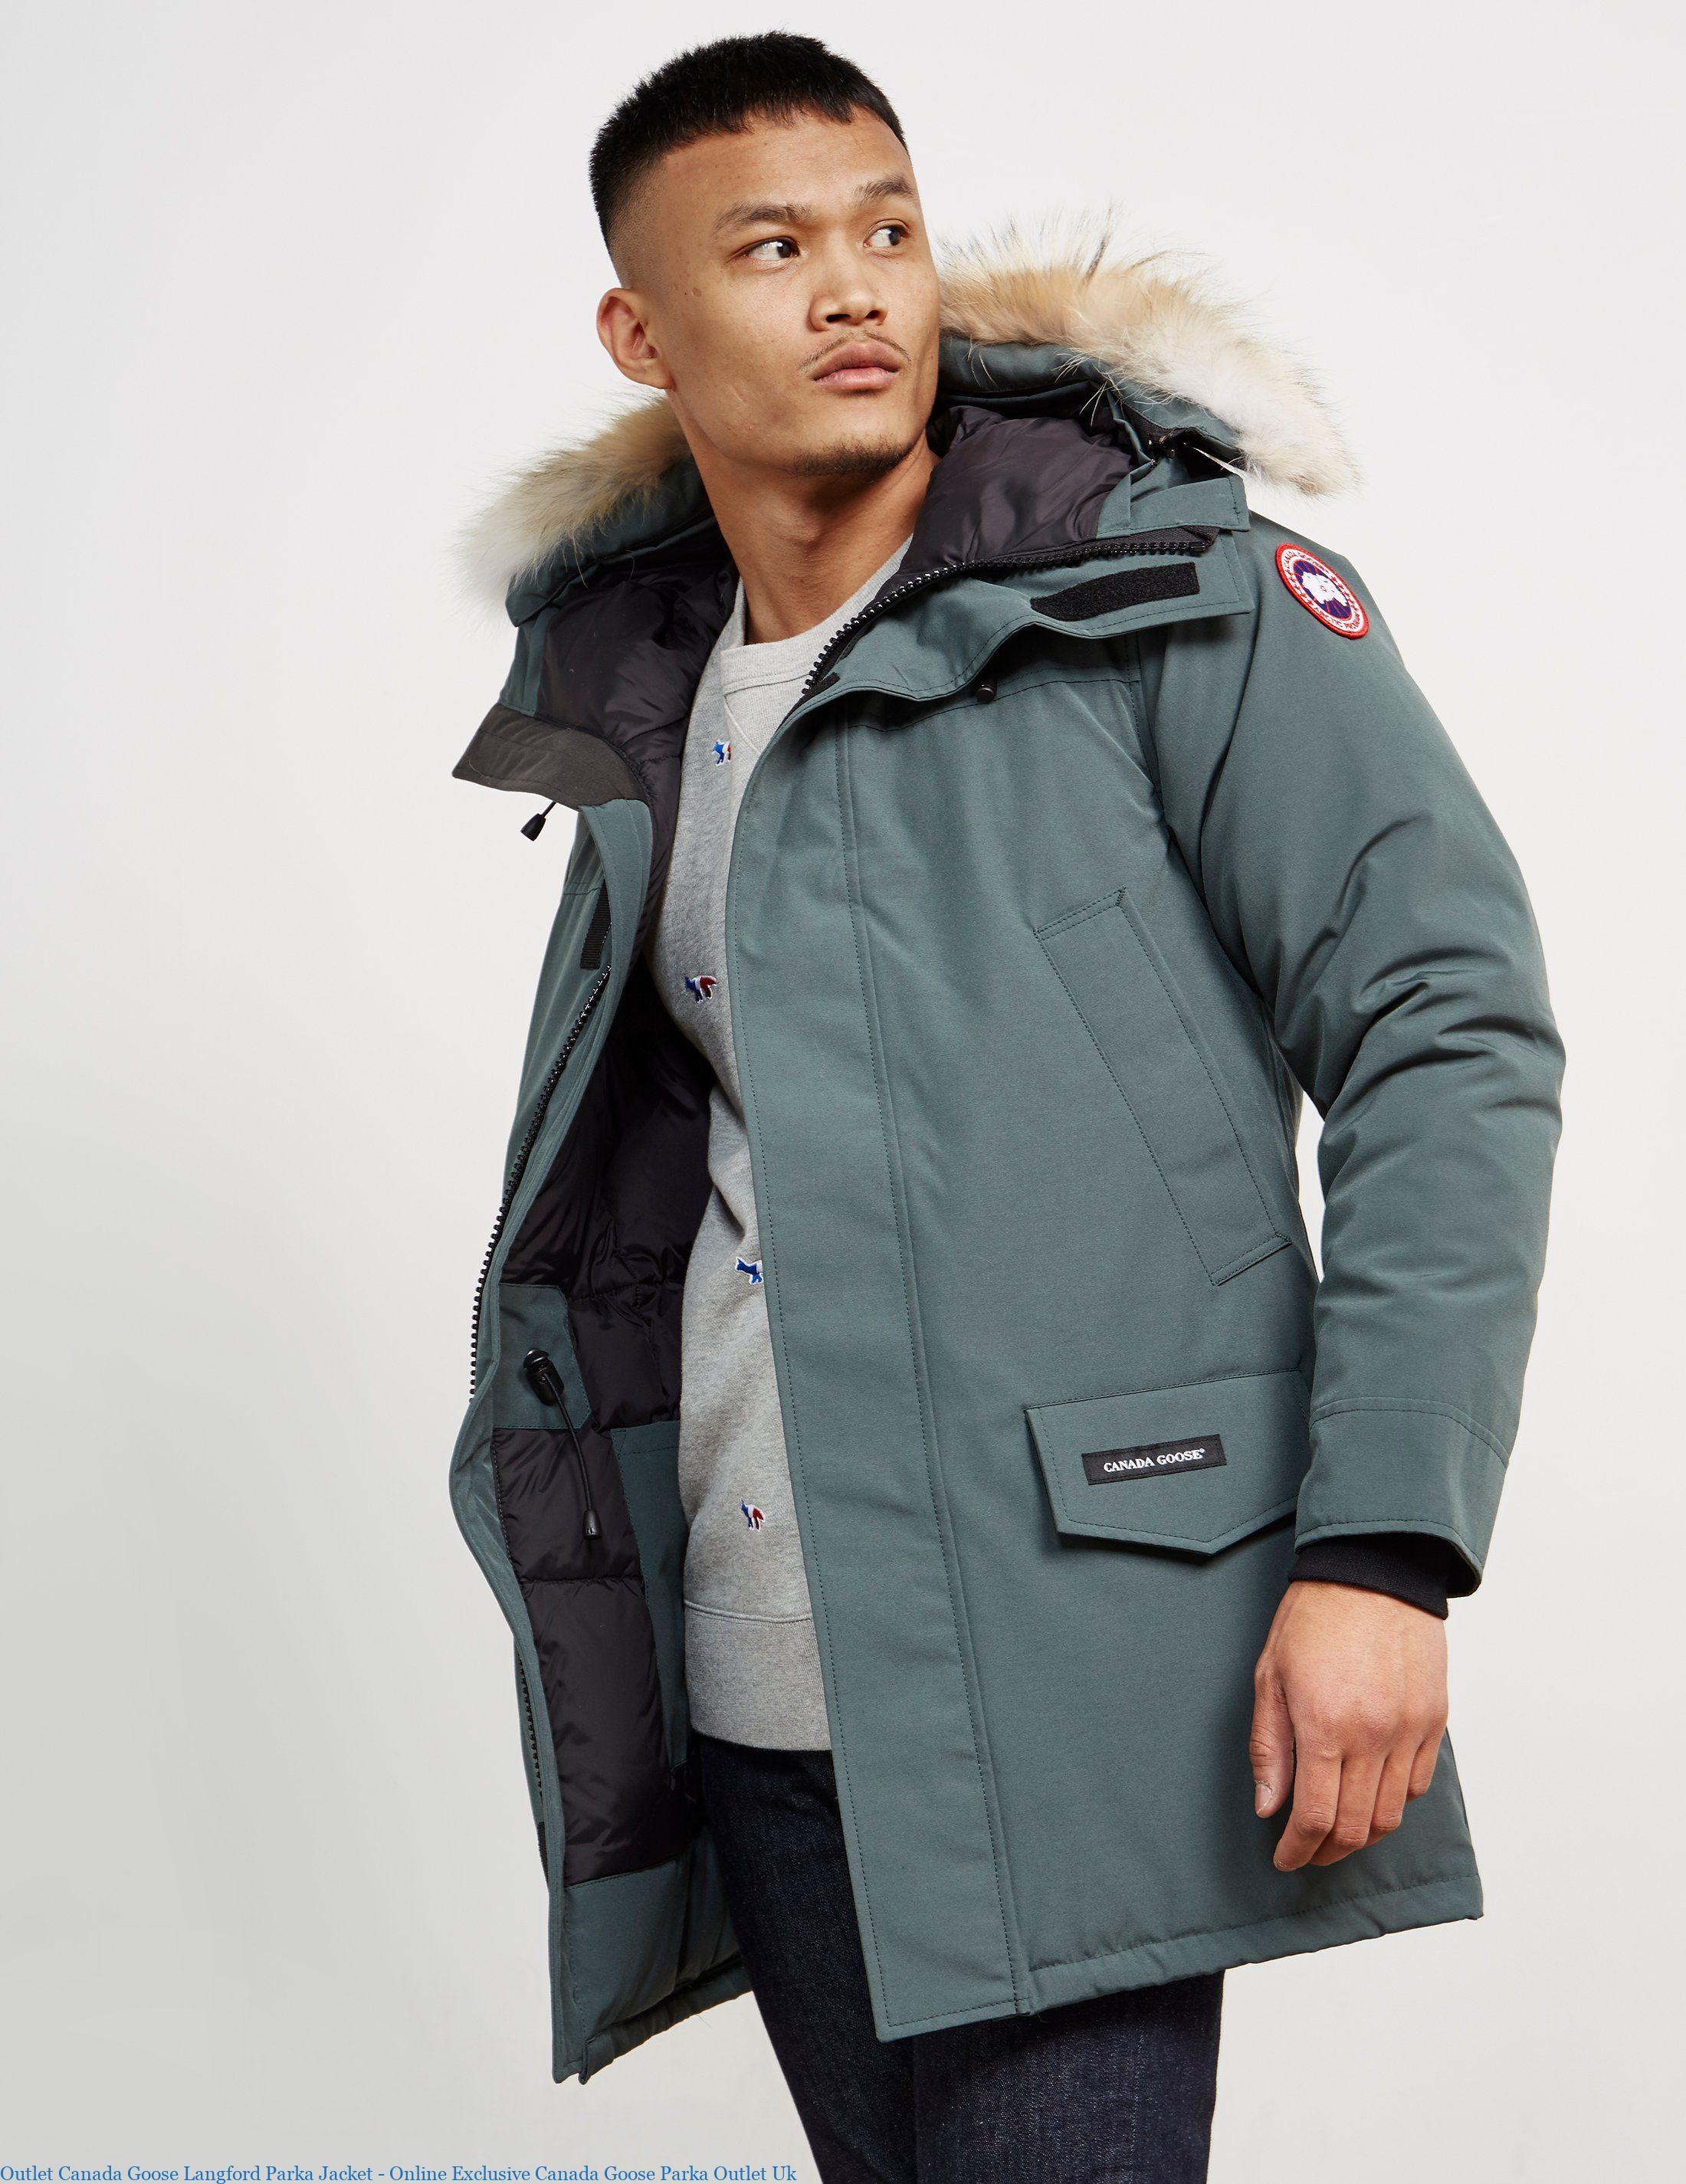 canada goose jacket outlet online